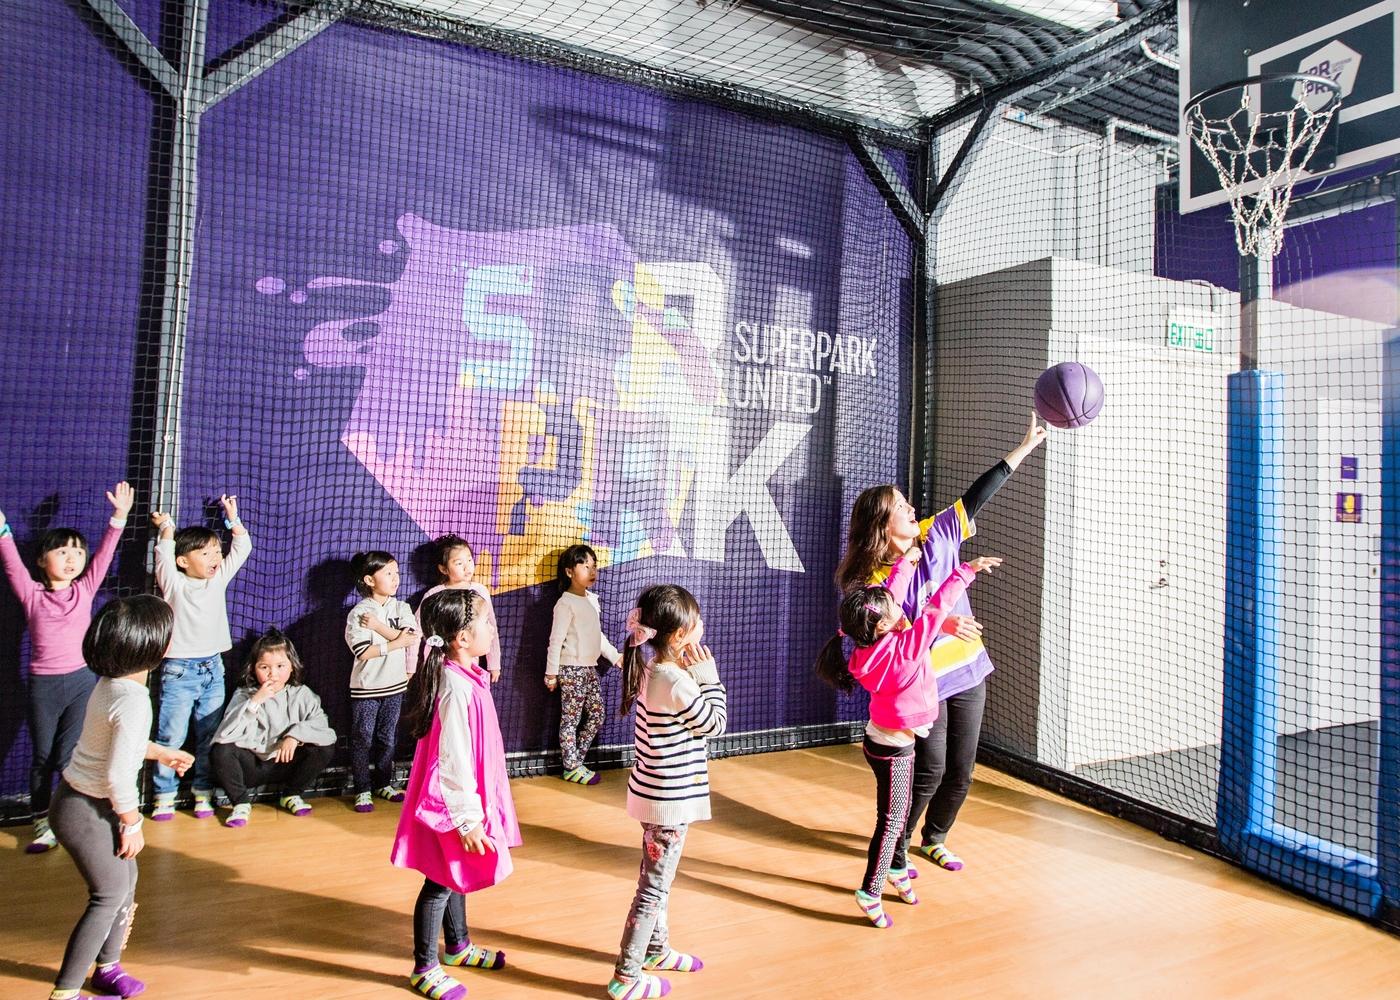 SuperPark Hong Kong Basketball